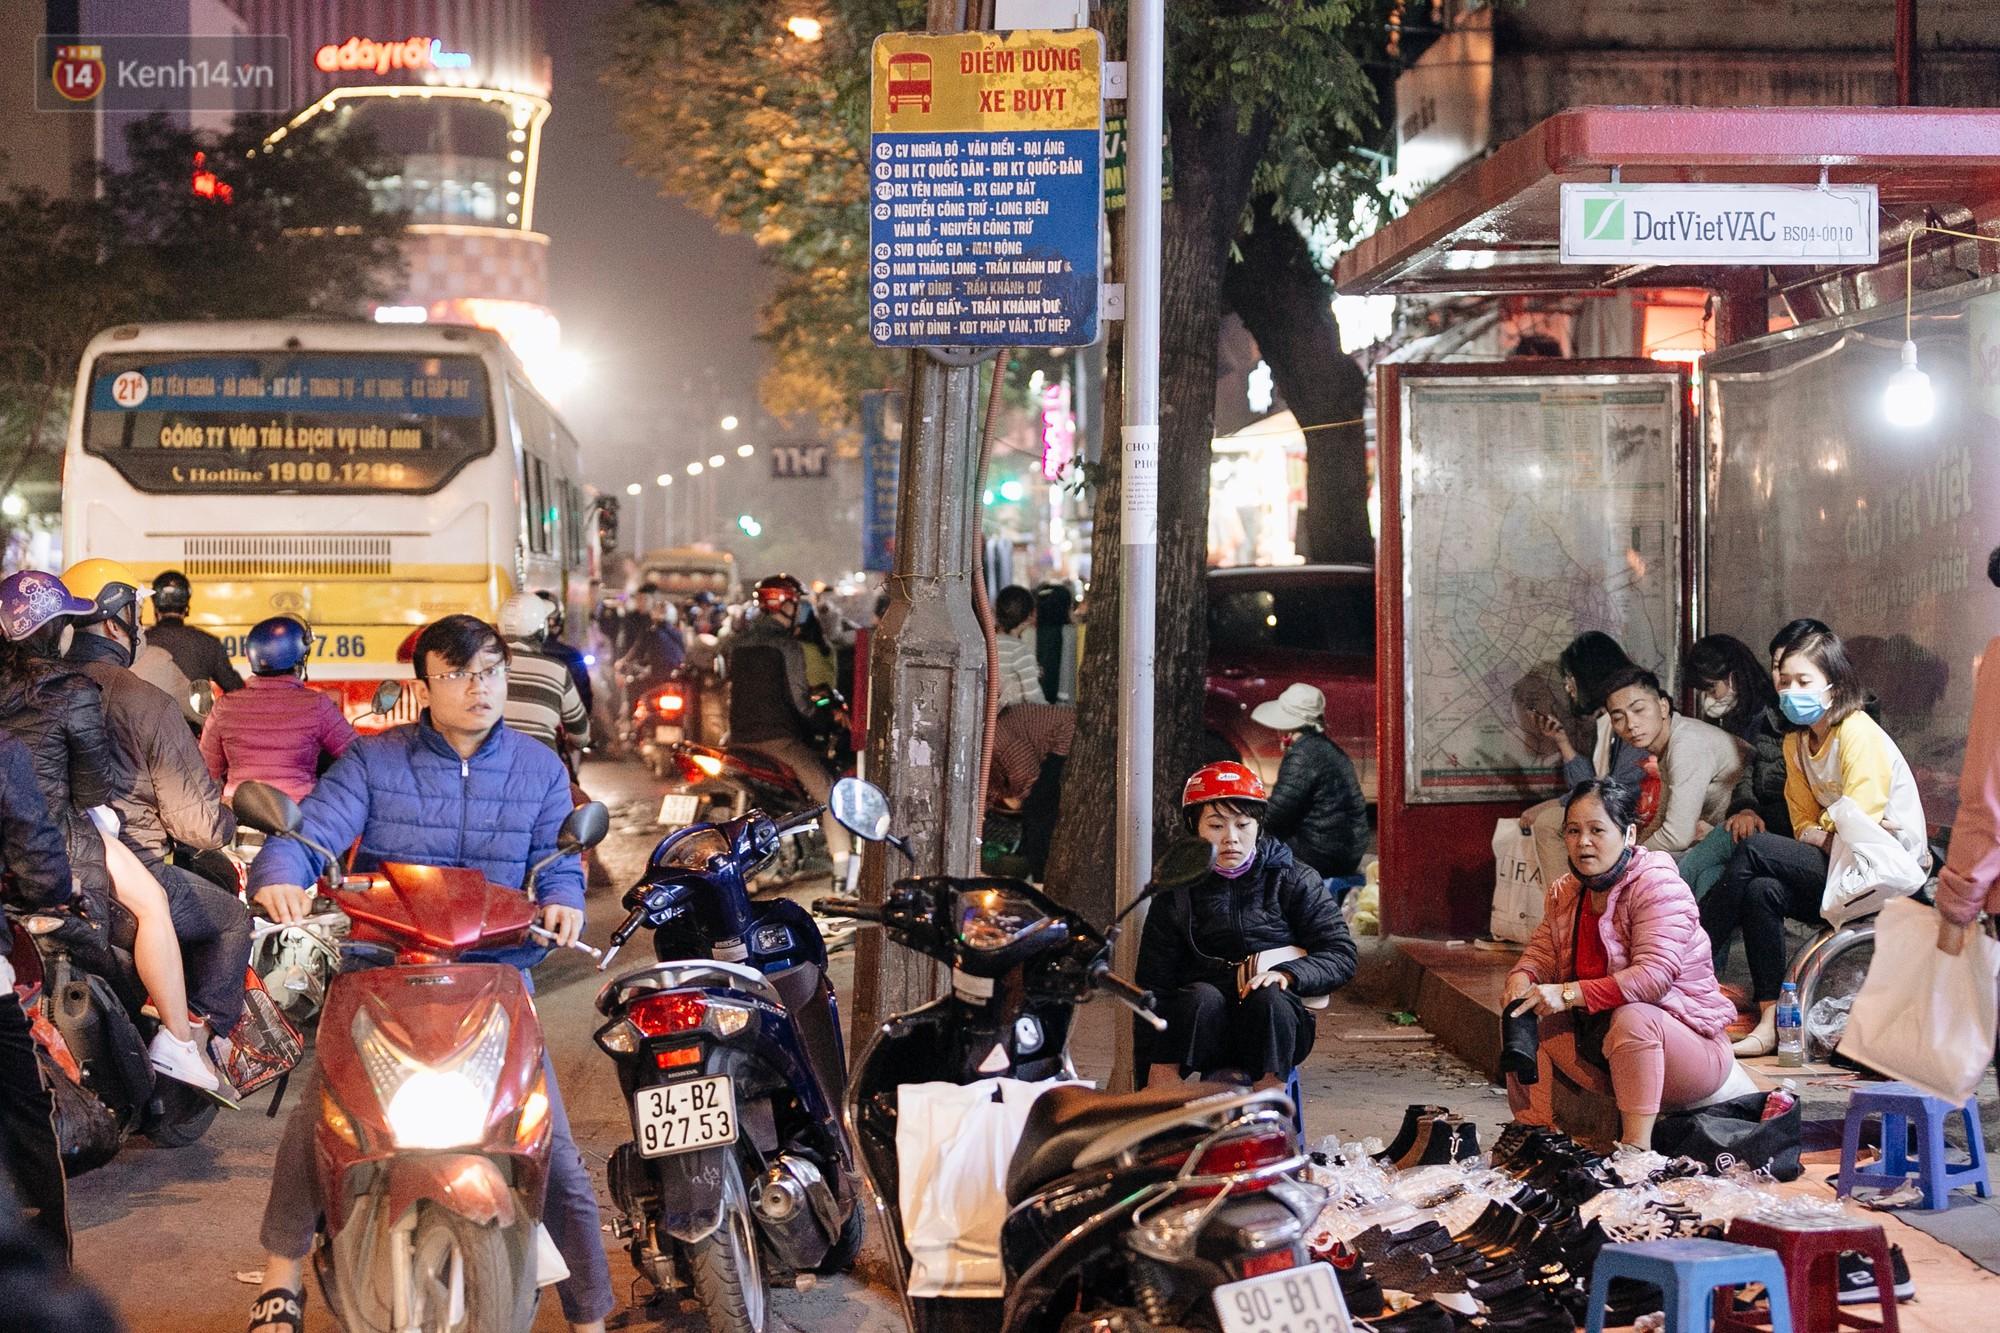 Vỉa hè Hà Nội trở thành chợ thời trang, trẻ em ngồi thùng xếp phụ bố mẹ bán hàng ngày cận Tết - Ảnh 13.